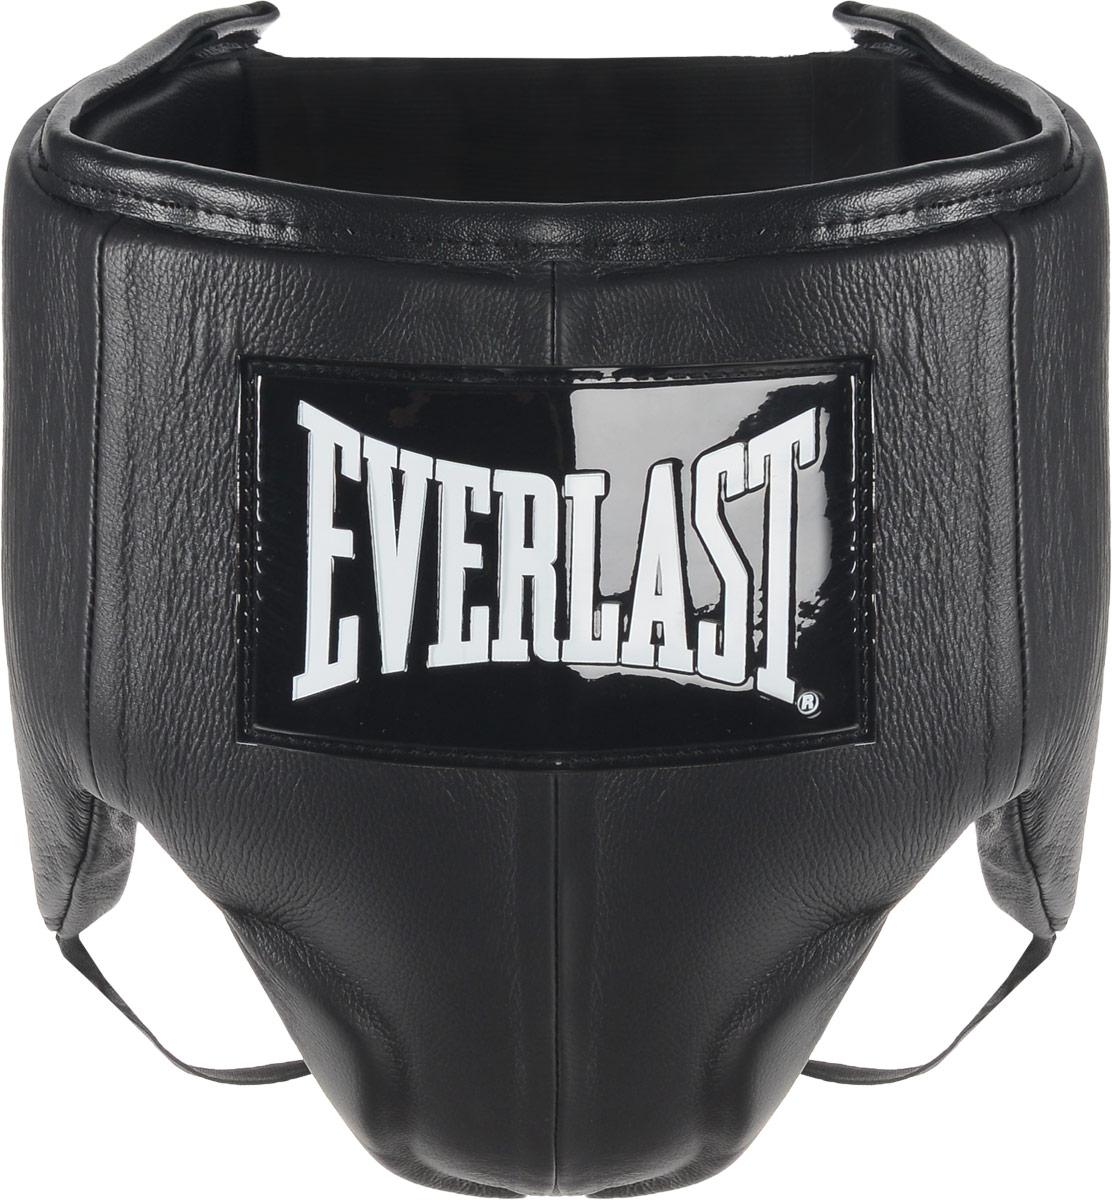 Защита паха мужская Everlast Velcro Top Pro, цвет: черный, белый. Размер S440001UEverlast Velcro Top Pro это удобный обтягивающий бандаж, идеально подходящий как для тренировочных спаррингов, так и для боя на ринге. Бандаж изготовлен из высококачественной натуральной кожи, а подкладка набита пенным наполнителем высокой плотности, благодаря чему достигается превосходная амортизация ударов. Усовершенствованный облегченный дизайн обеспечивает максимальную подвижность и комфорт, в то же время гарантируя безопасность и полную защиту паха и тазовой области. Удобные застежки на липучке позволят подогнать защиту под ваш размер и плотно зафиксировать ее на теле. Максимальный обхват: 103 см. Минимальный обхват: 90 см.